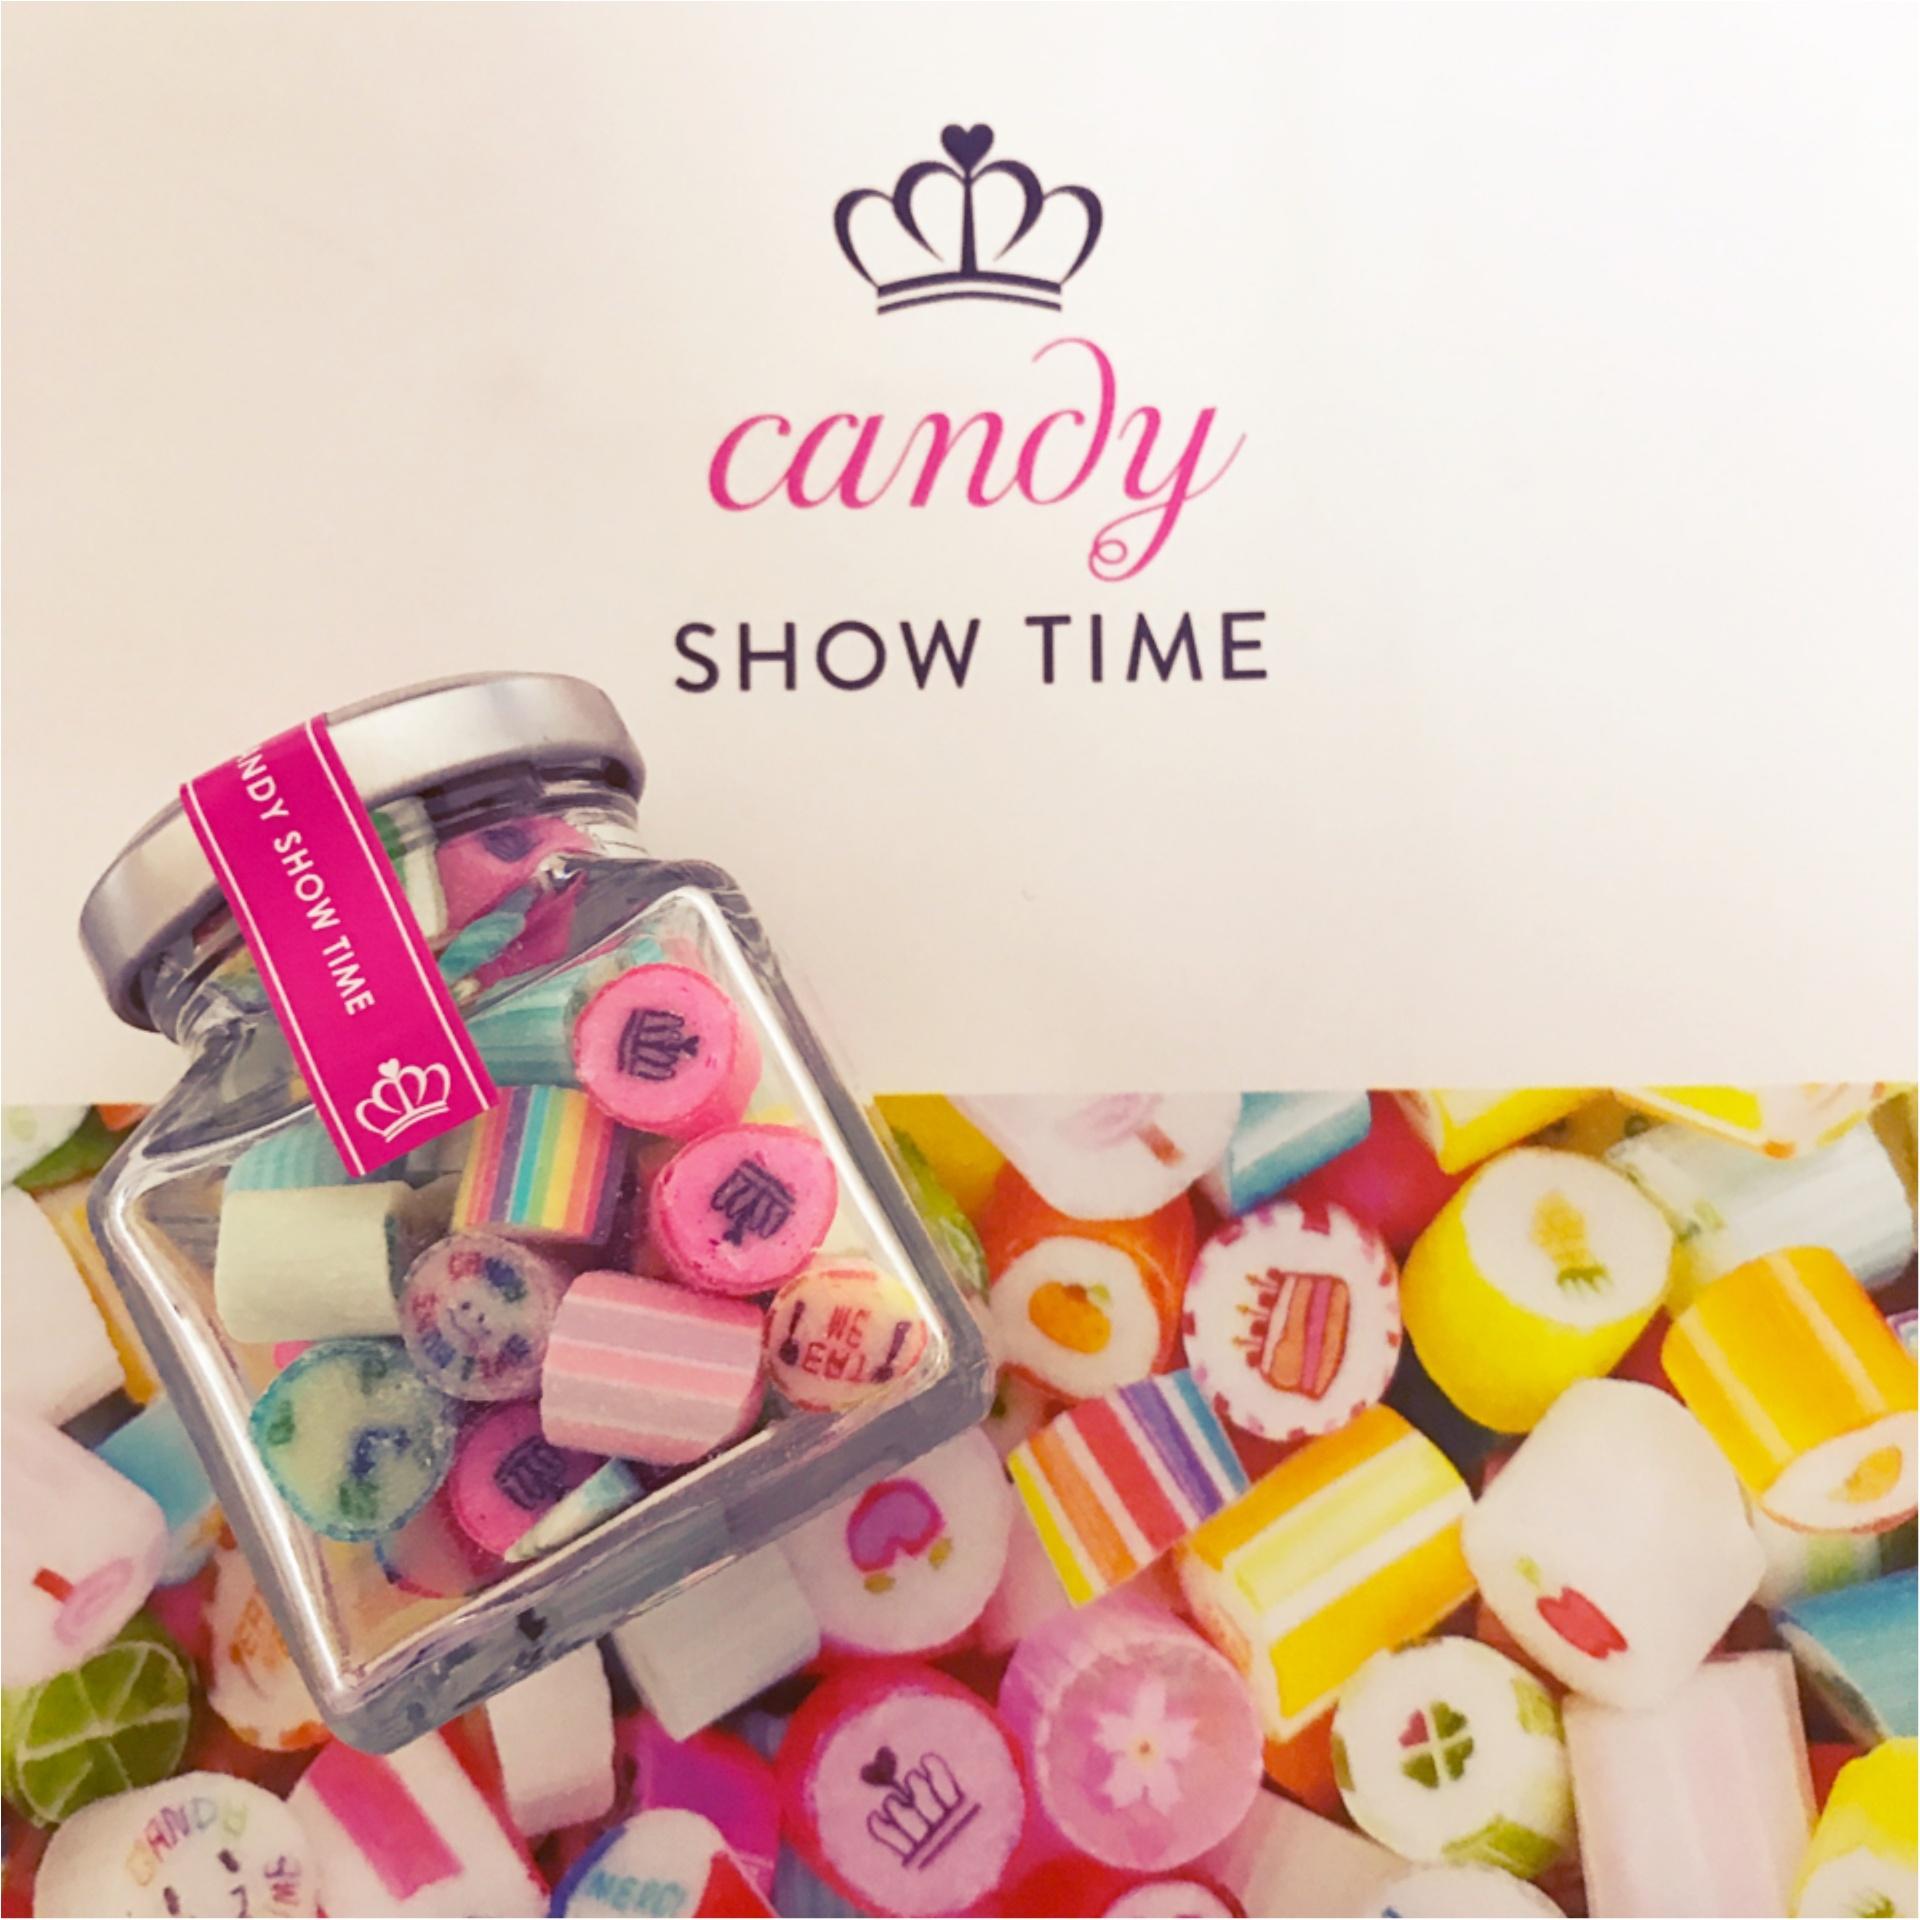 ★手土産にいかが?見た目も可愛い『candy SHOW TIME』の手作りキャンディーはお呼ばれに最適スイーツ★_4